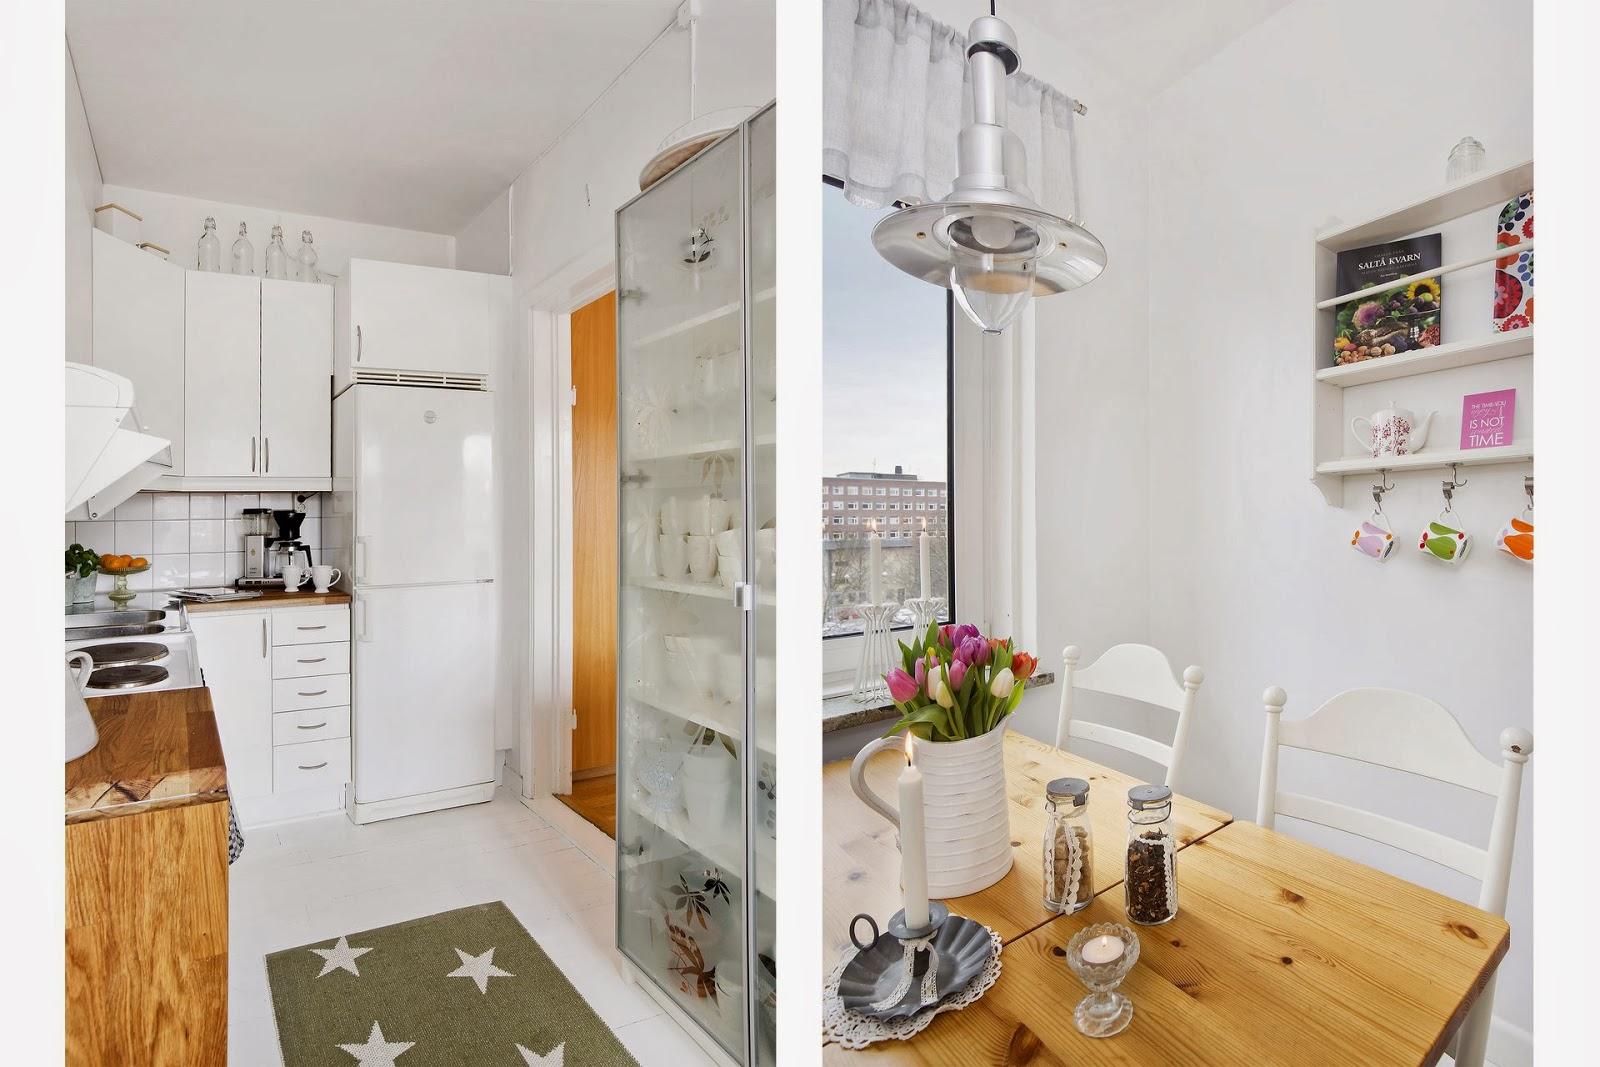 Como Decorar Un Piso Con Muebles En Color Madera Boho Deco Chic  # Sonar Con Muebles Gigantes